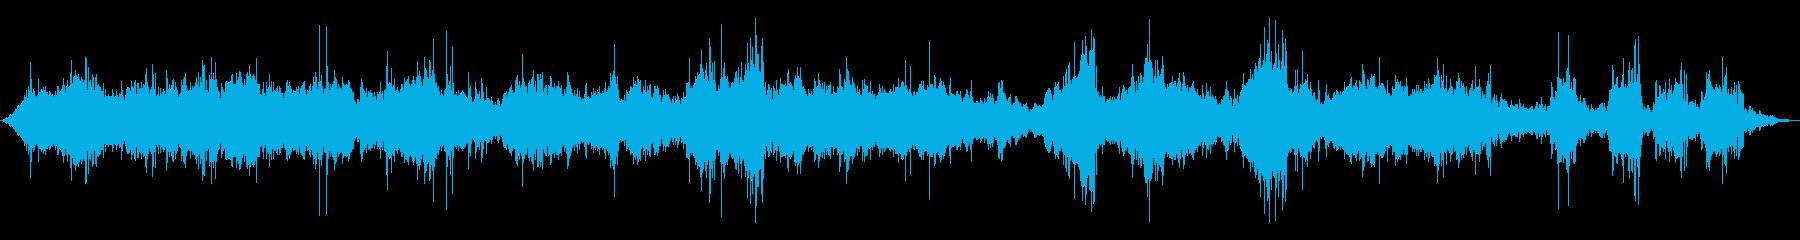 地下水クレプシードラガイザー:泡立...の再生済みの波形